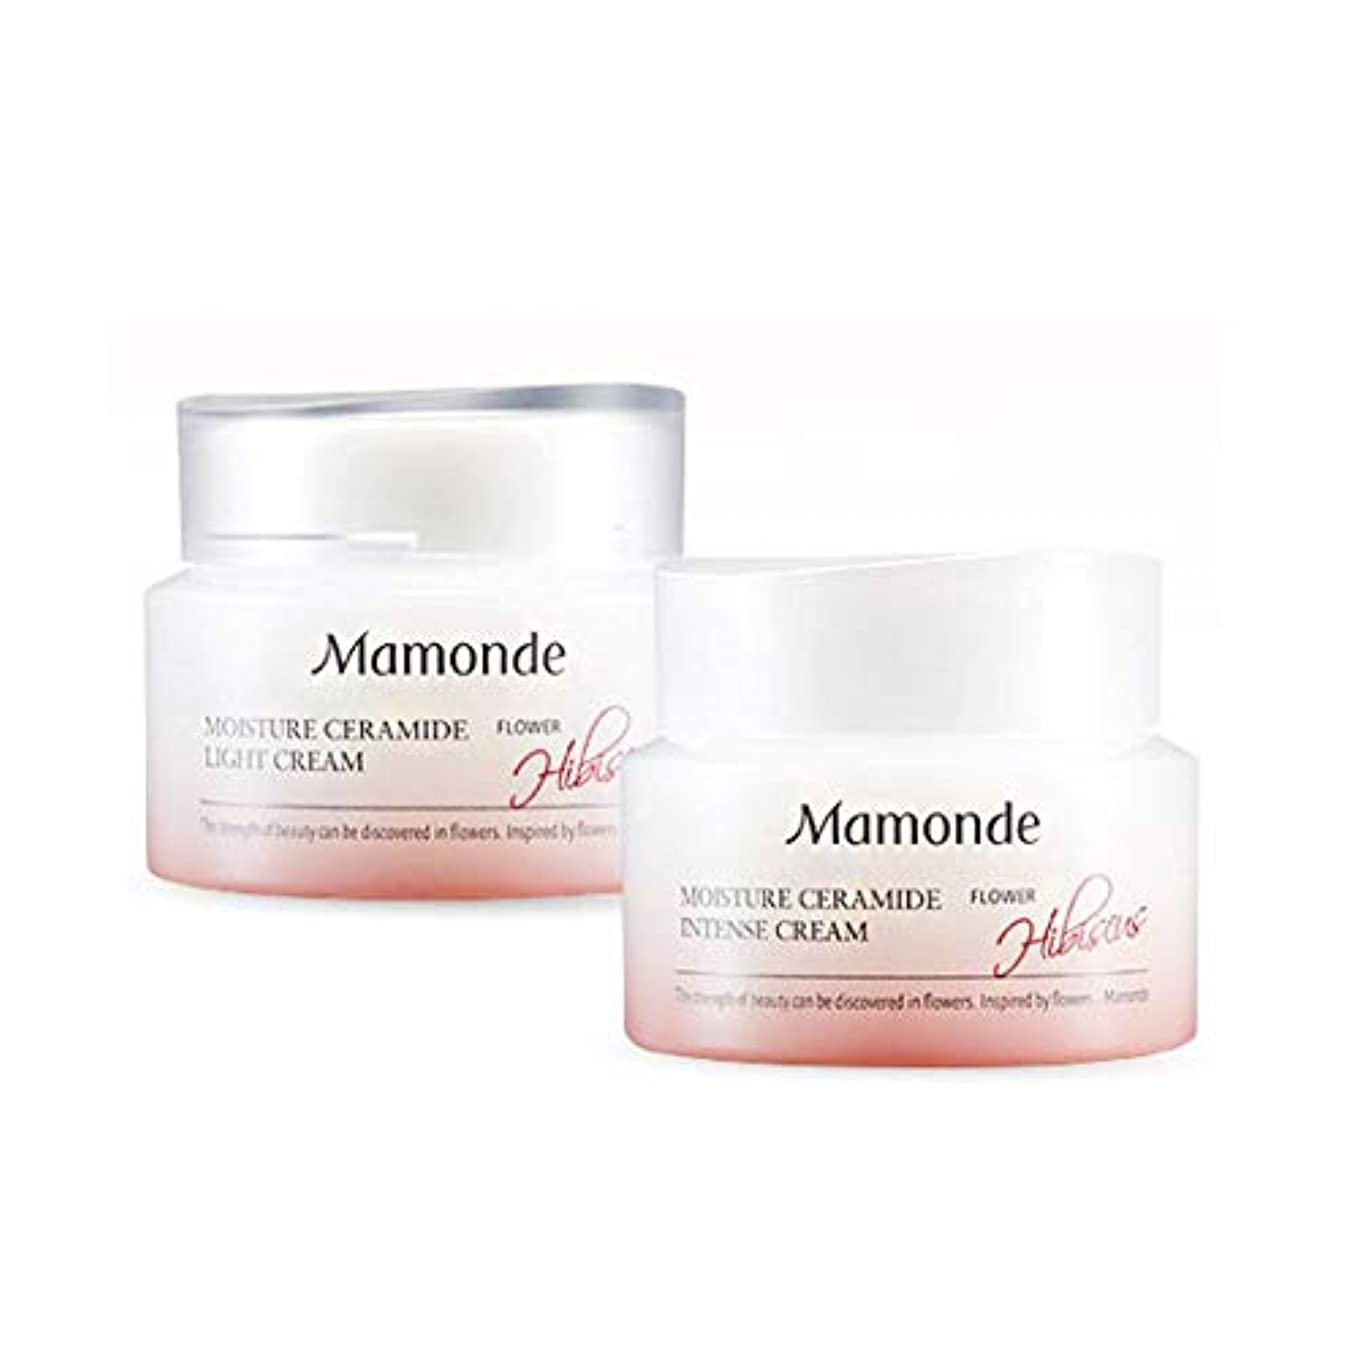 そこから高い守銭奴マモンドモイスチャーセラミドインテンスクリーム50mlx2本セット韓国コスメ、Mamonde Moisture Ceramide Intense Cream 50ml x 2ea Set Korean Cosmetics...